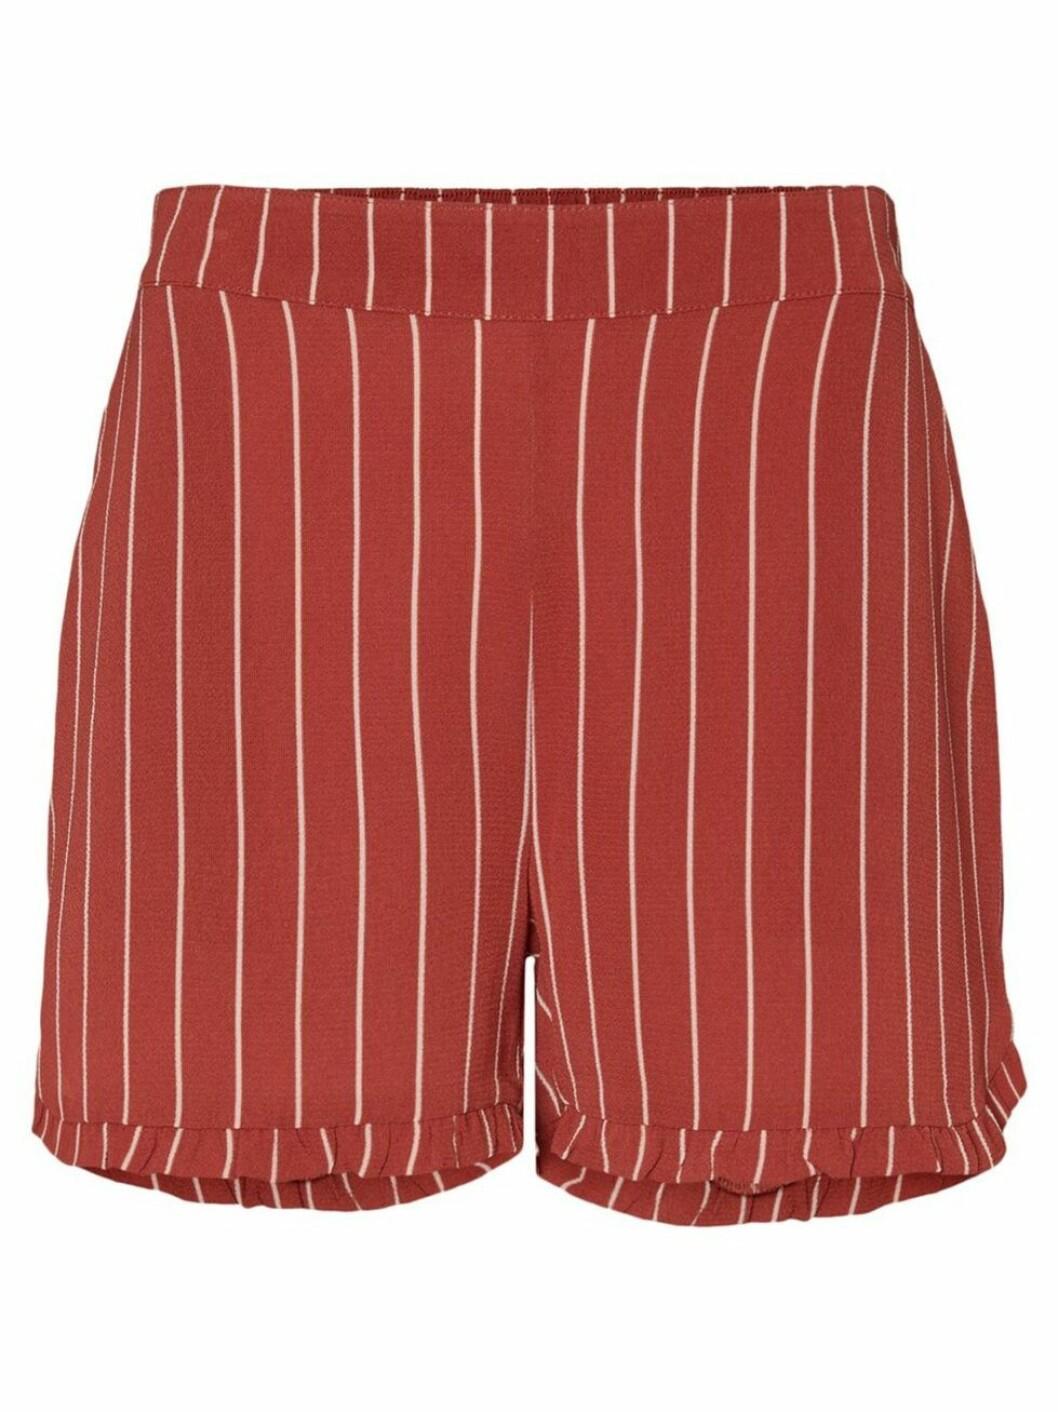 vero moda randiga shorts